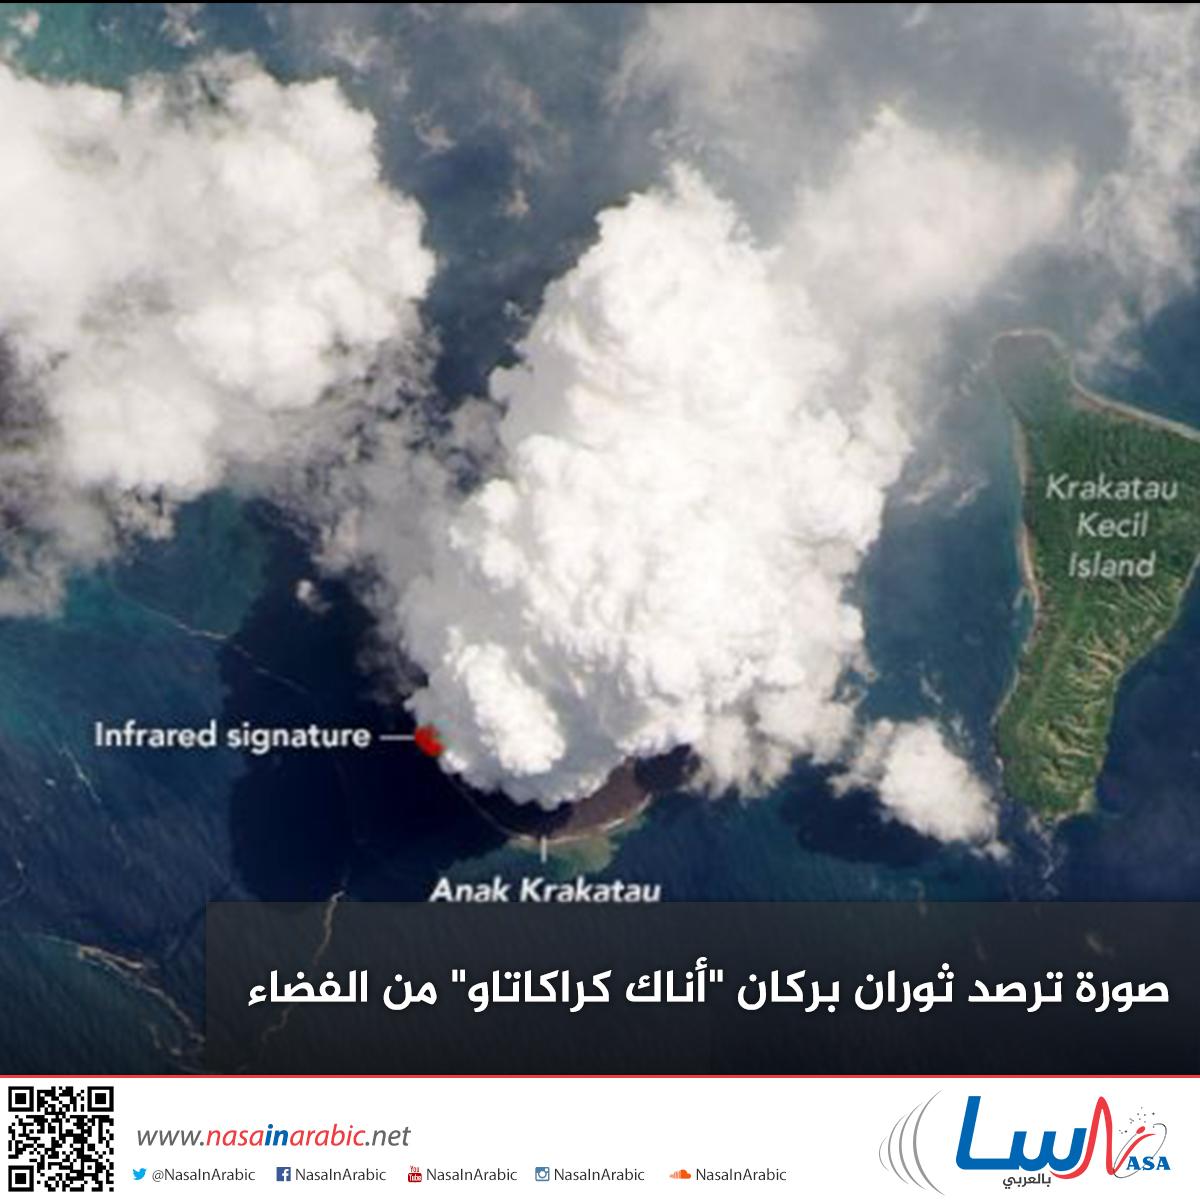 صورة ترصد ثوران بركان